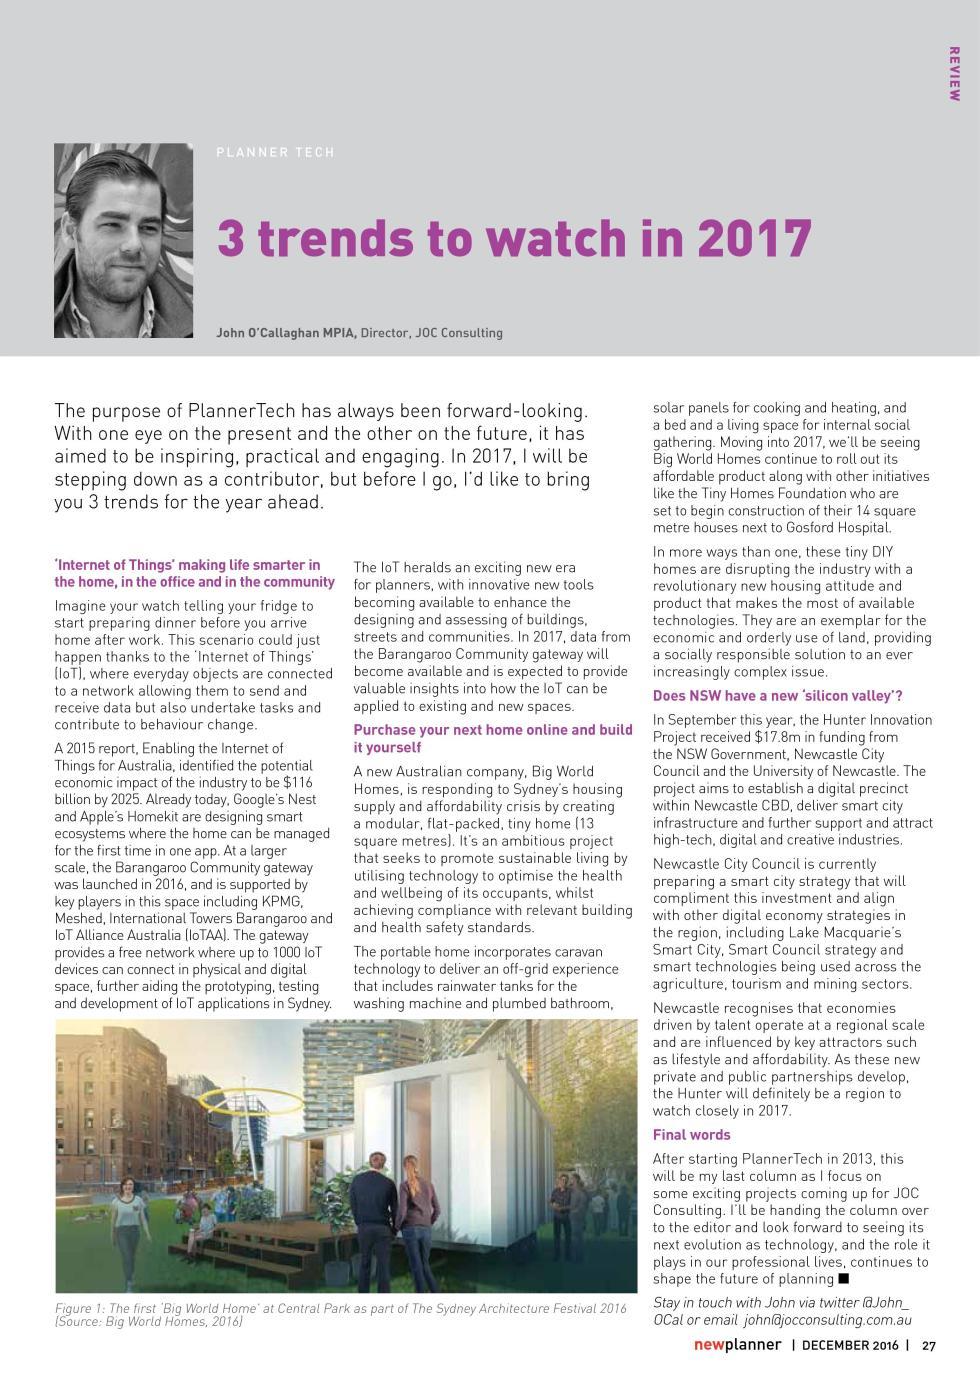 new-planner-december-2016-plannertech-column-pia